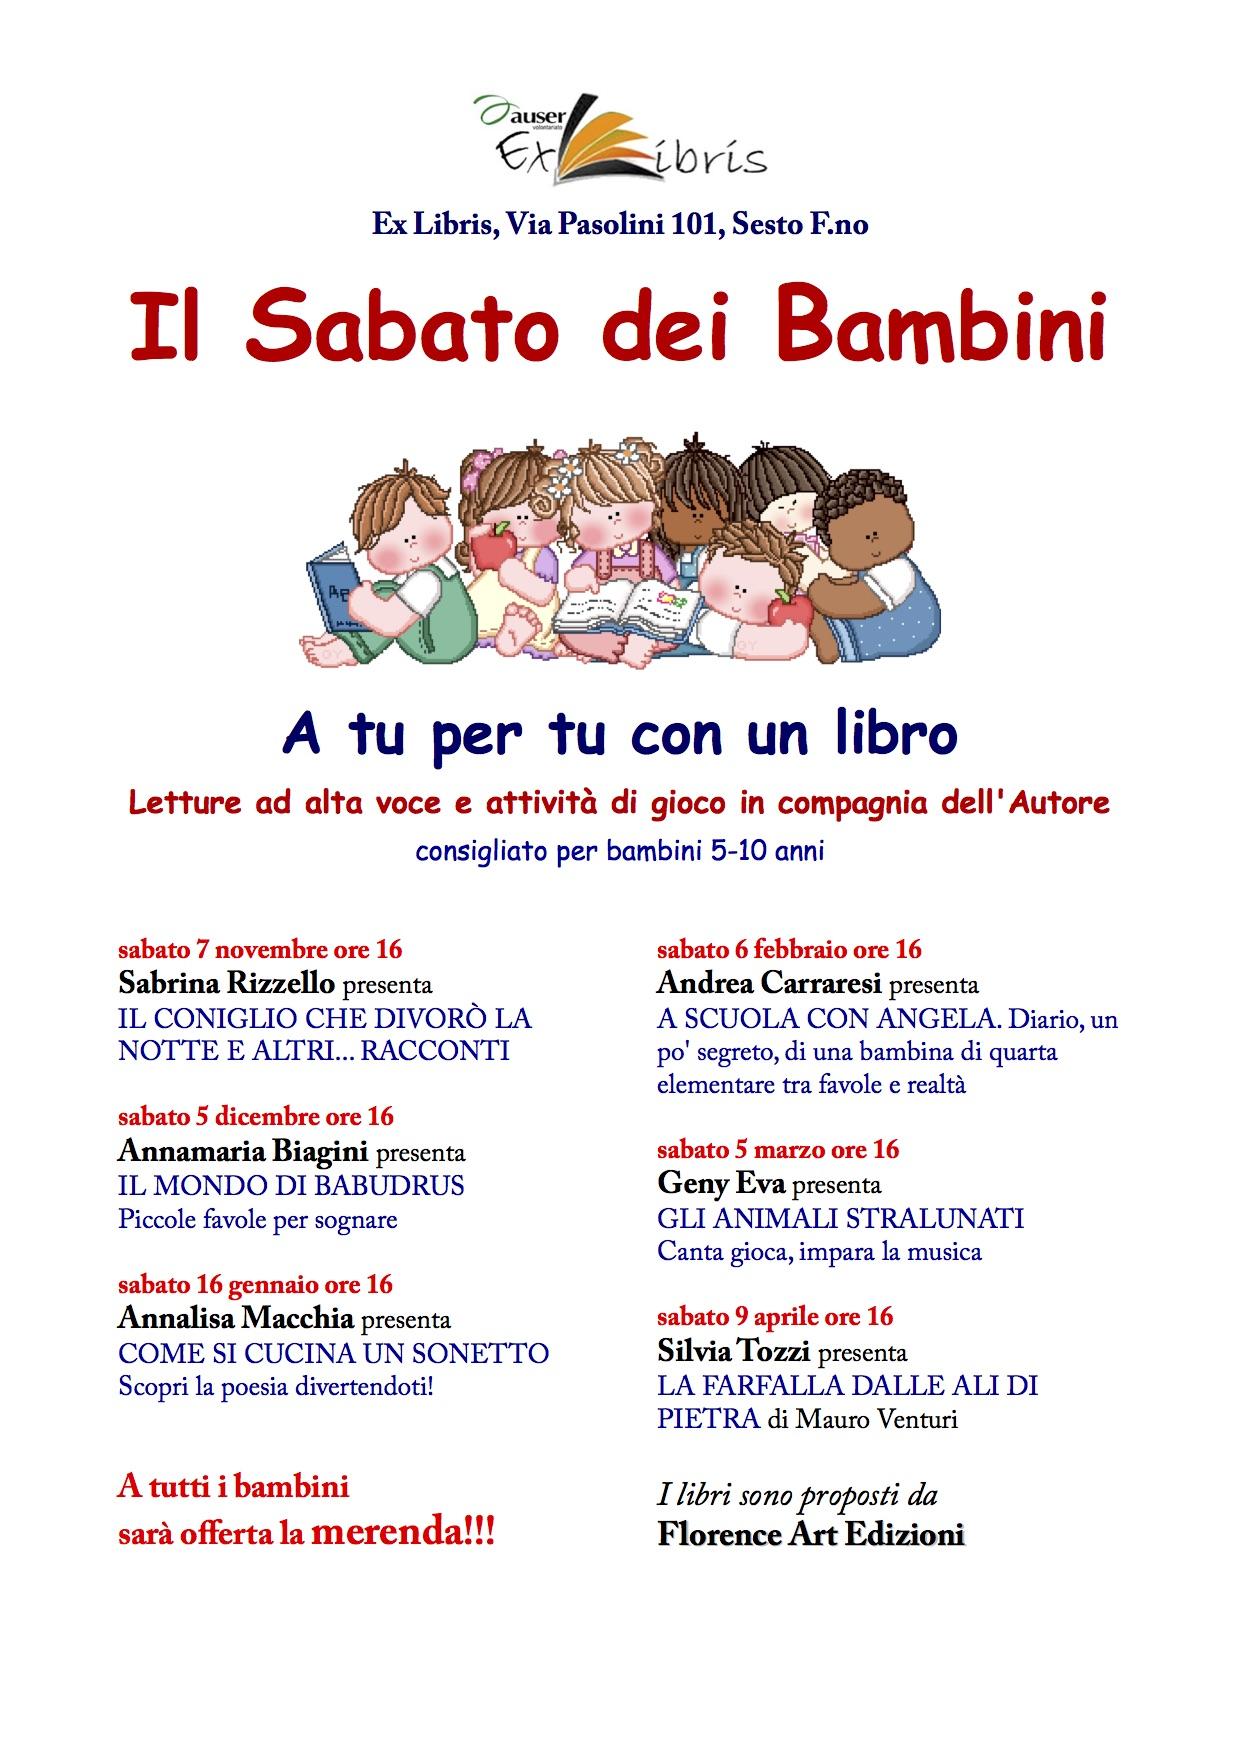 Ex libris a Sesto Fiorentino tante attività anche per bimbi